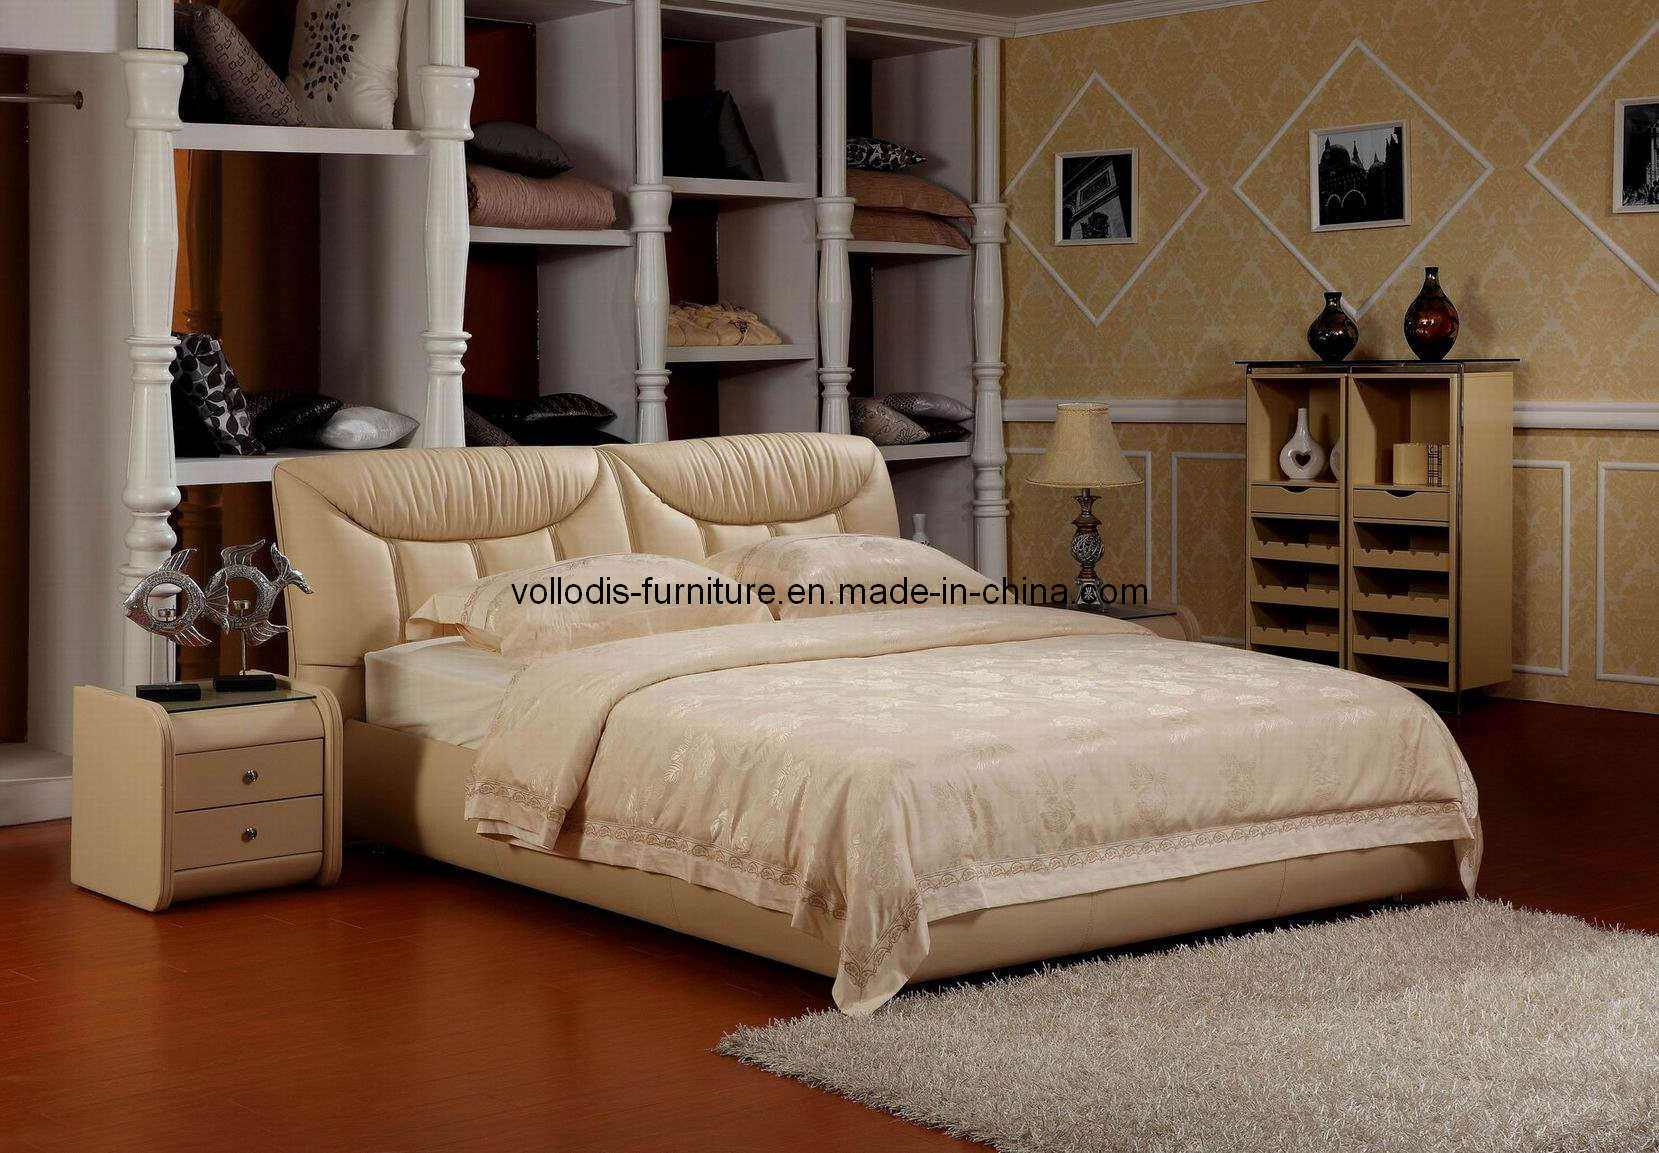 Lit lit et de meubles et de cuir modernes de chambre à coucher (B811